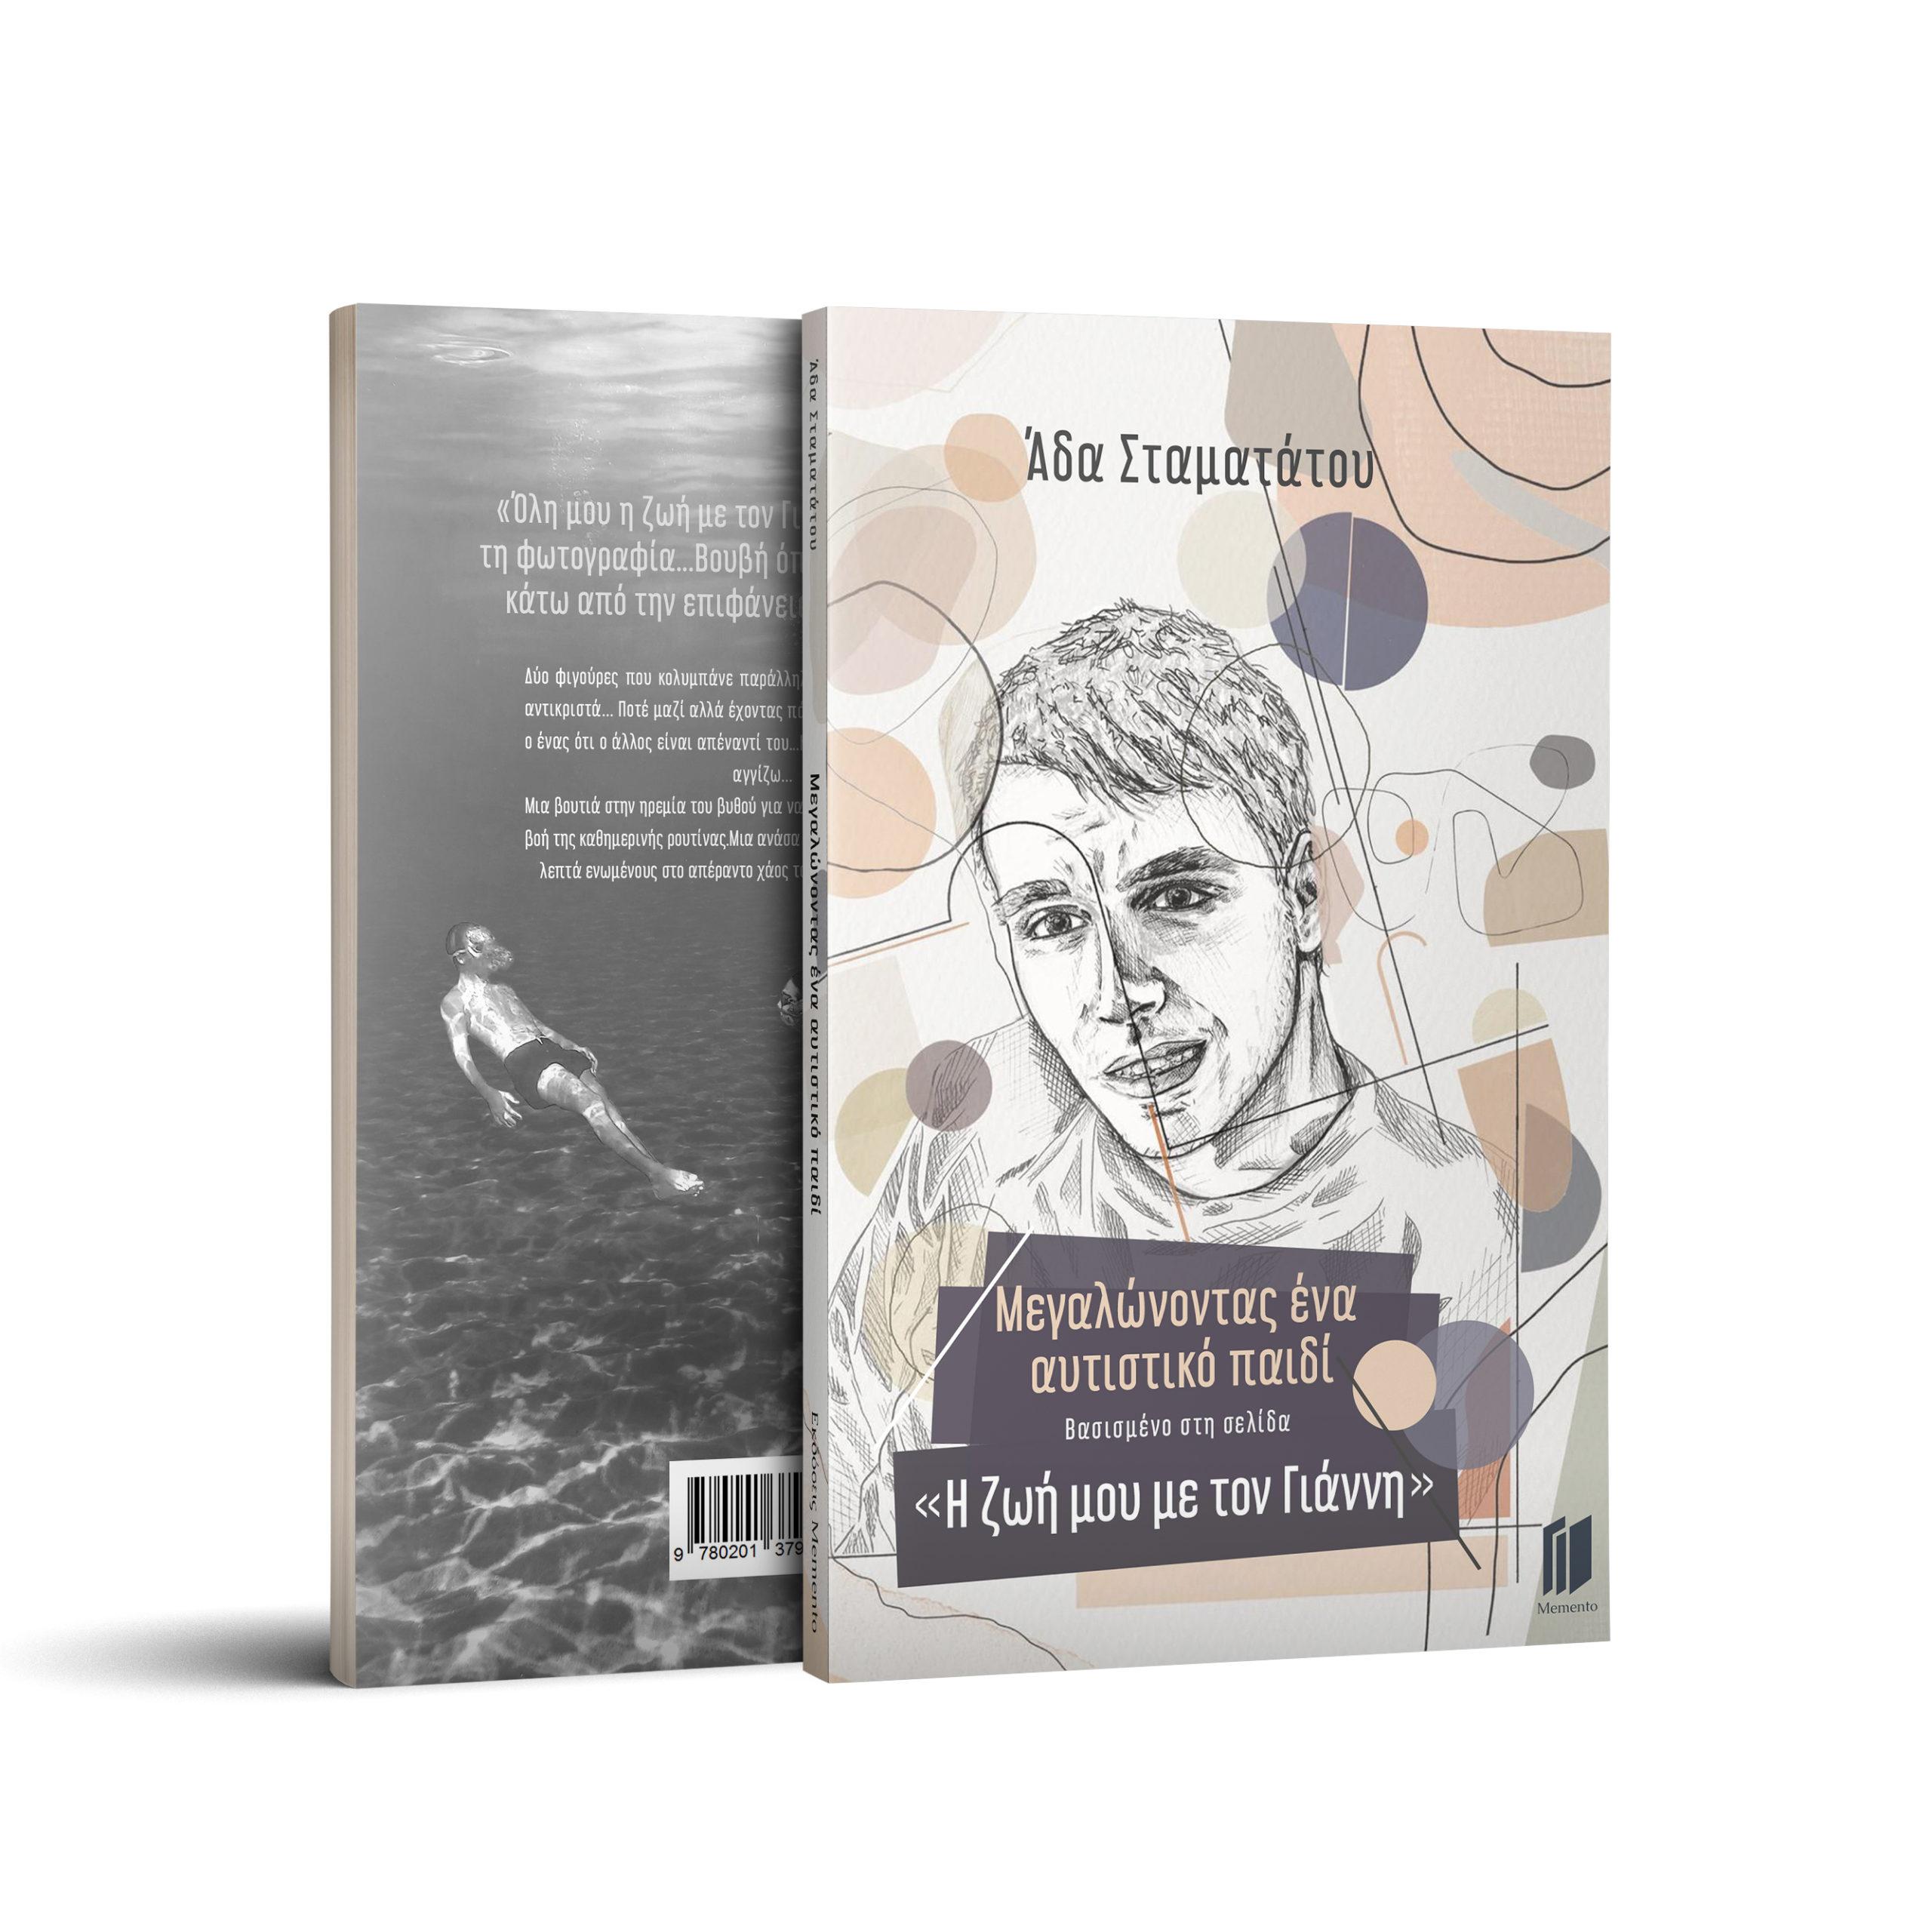 «Μεγαλώνοντας ένα αυτιστικό παιδί» | Το βιβλίο της Άδας Σταματάτου